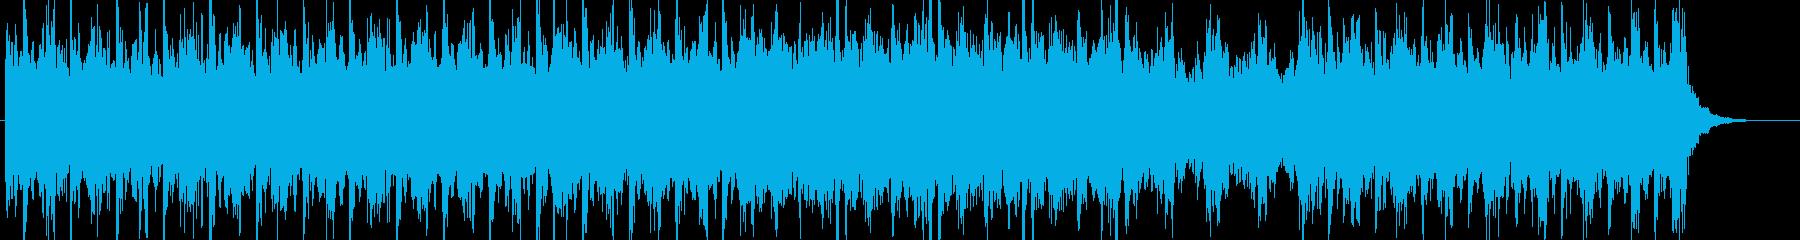 緊迫(ホラー、アクション系サントラ)の再生済みの波形